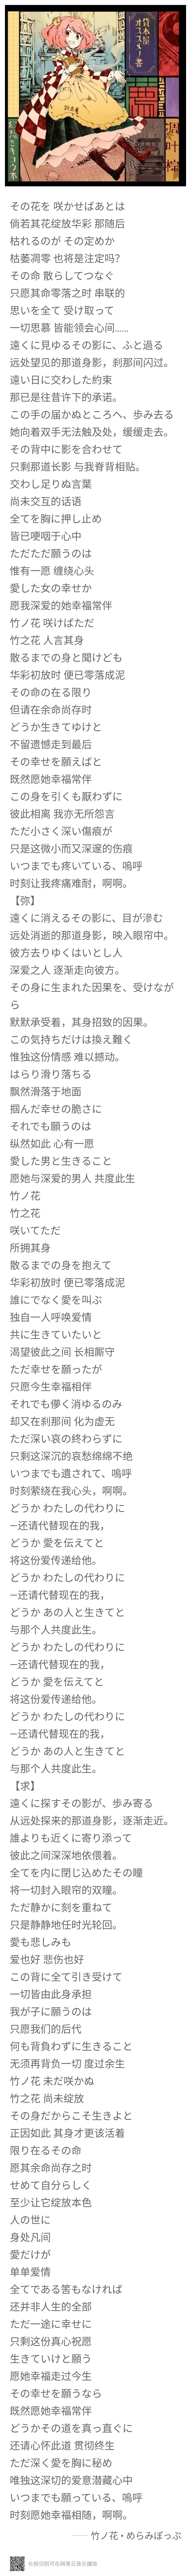 【音乐】竹ノ花 (原著:魚骨工造《竹ノ花